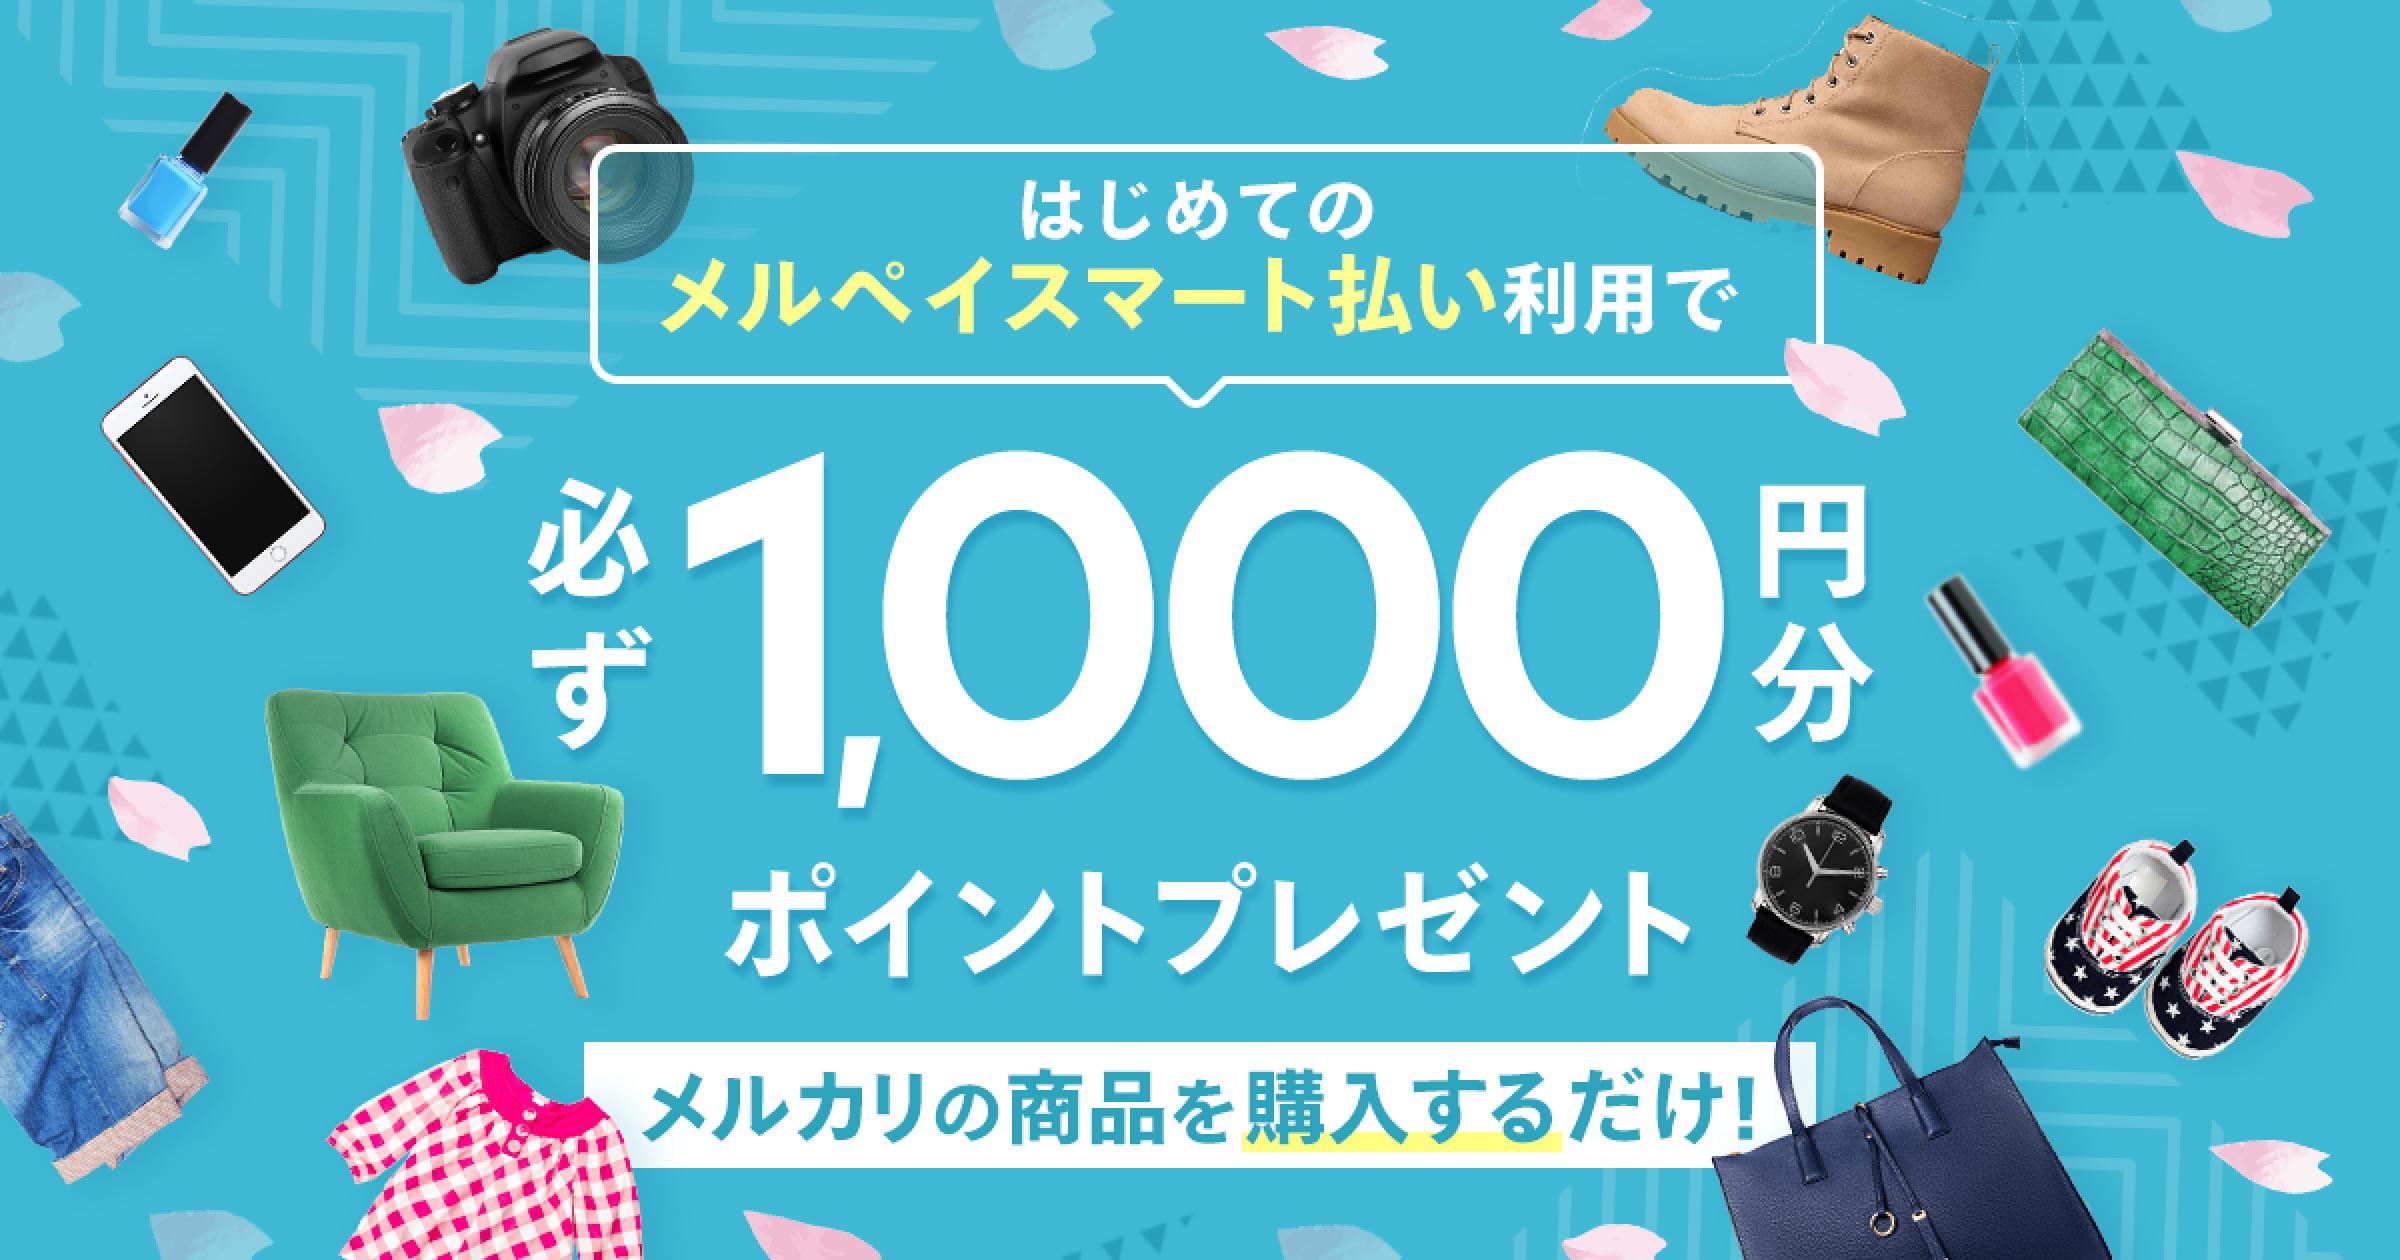 【3/6~3/31】はじめての利用で1000円分のポイントプレゼント!「メルペイスマート払いキャンペーン」開催中!